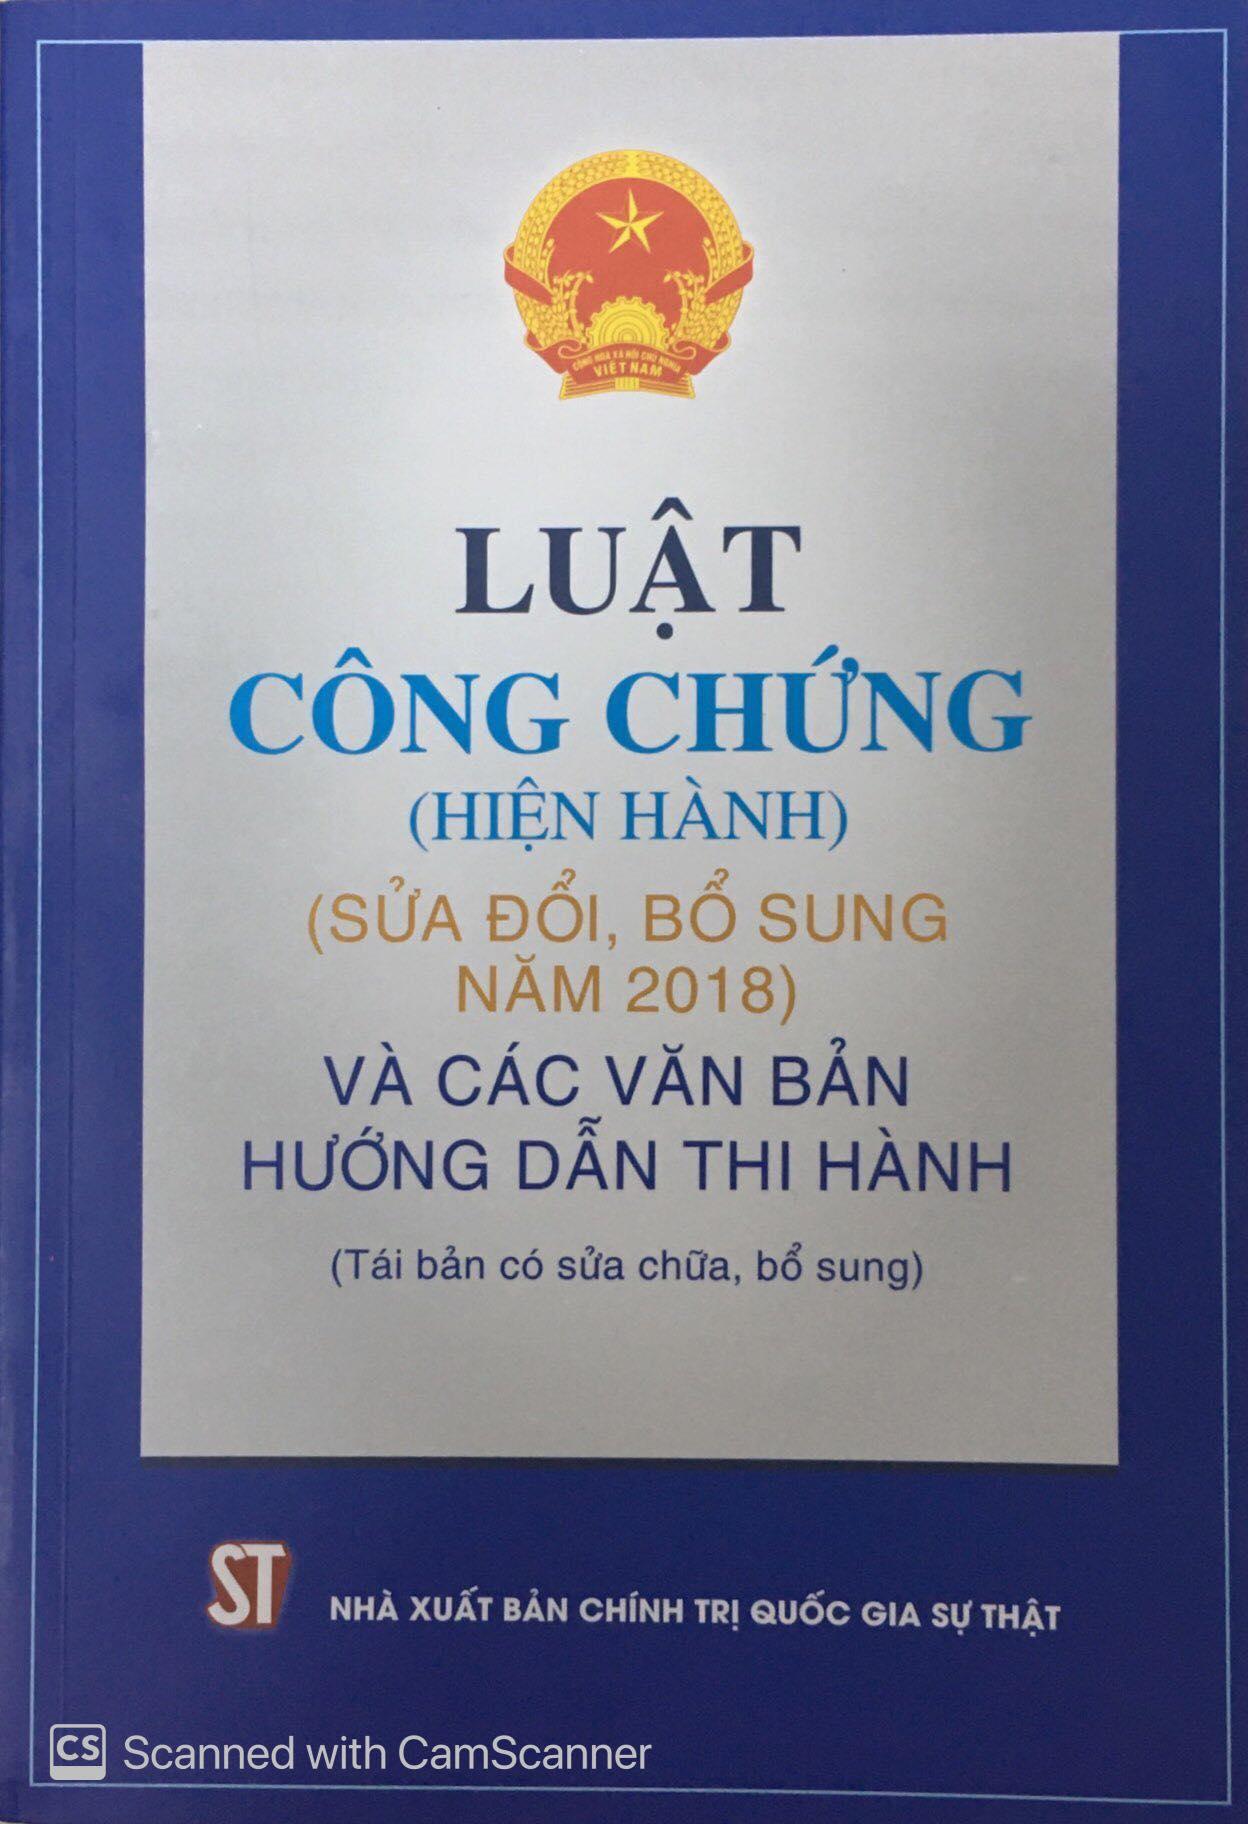 Luật Công chứng (hiện hành) (sửa đổi, bổ sung năm 2018) và các văn bản hướng dẫn thi hành (Tái bản có sửa chữa, bổ sung)